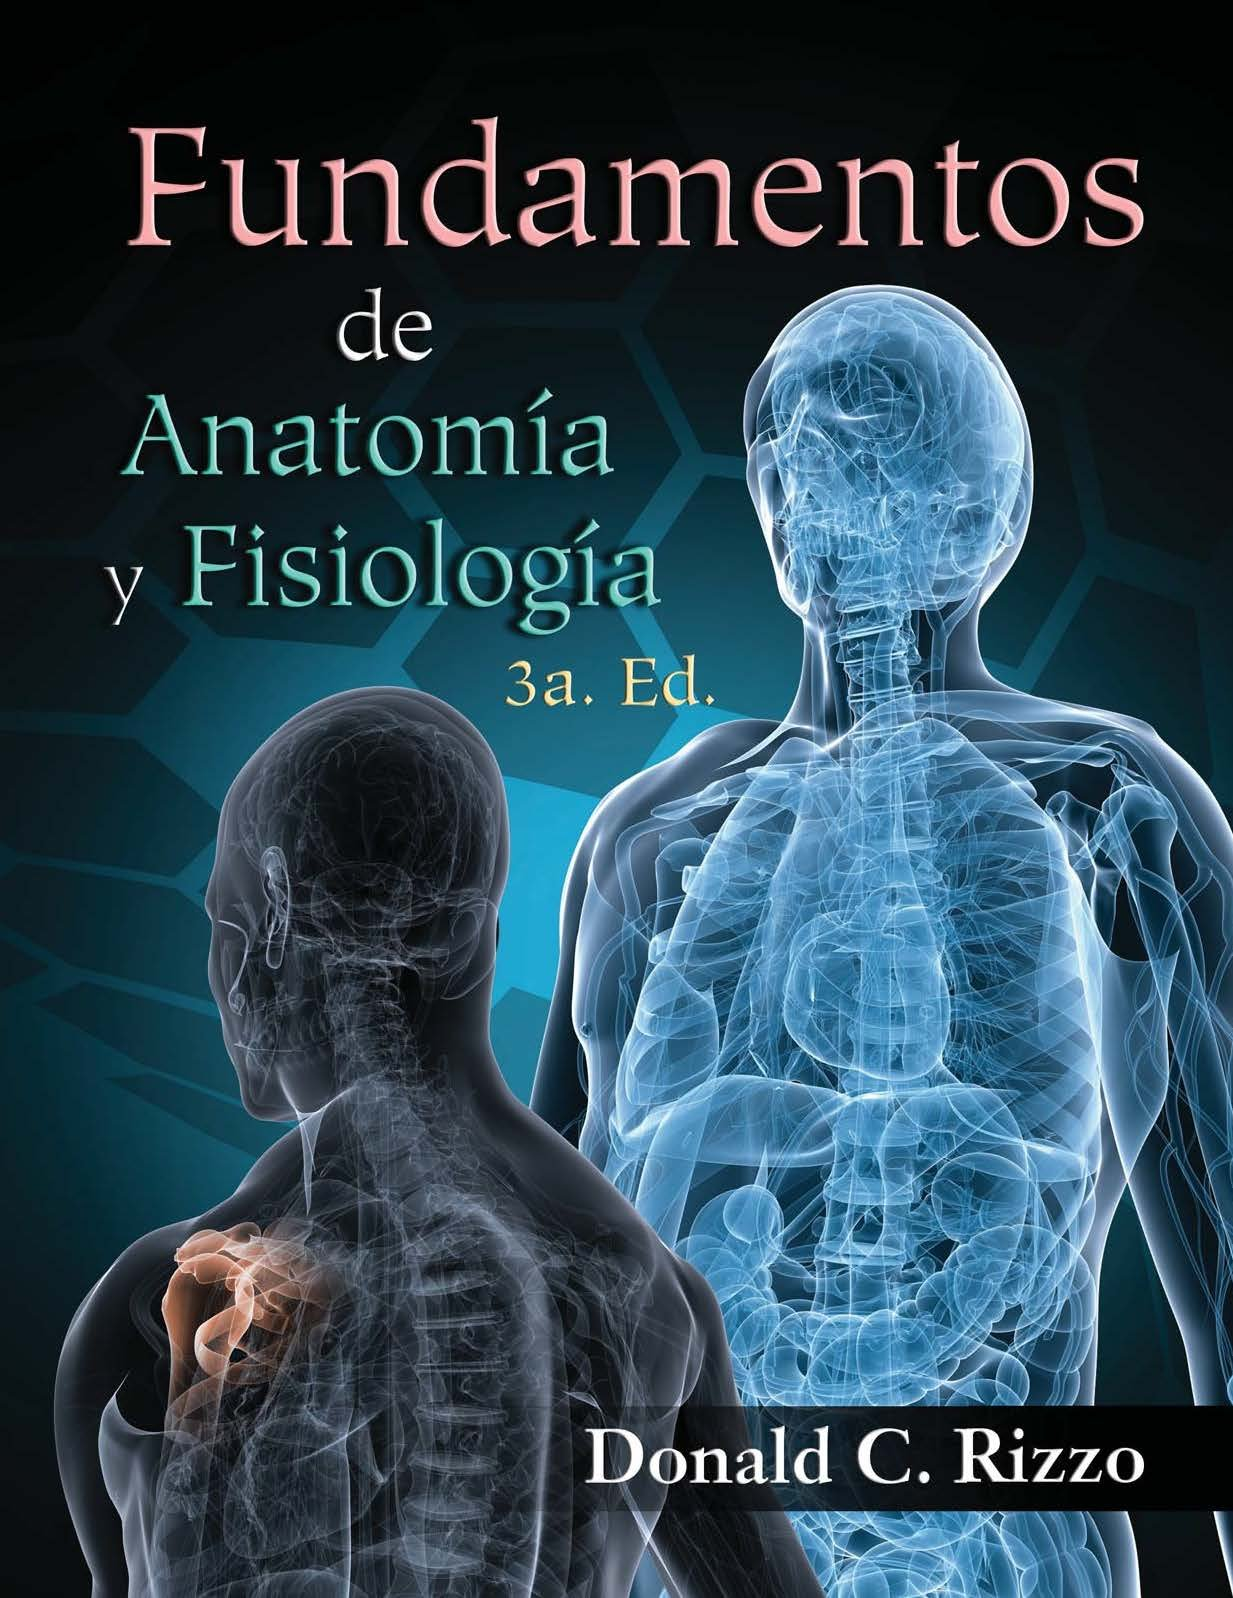 Fundamentos de Anatomia y Fisiologia: Amazon.es: Donald C. Rizzo: Libros